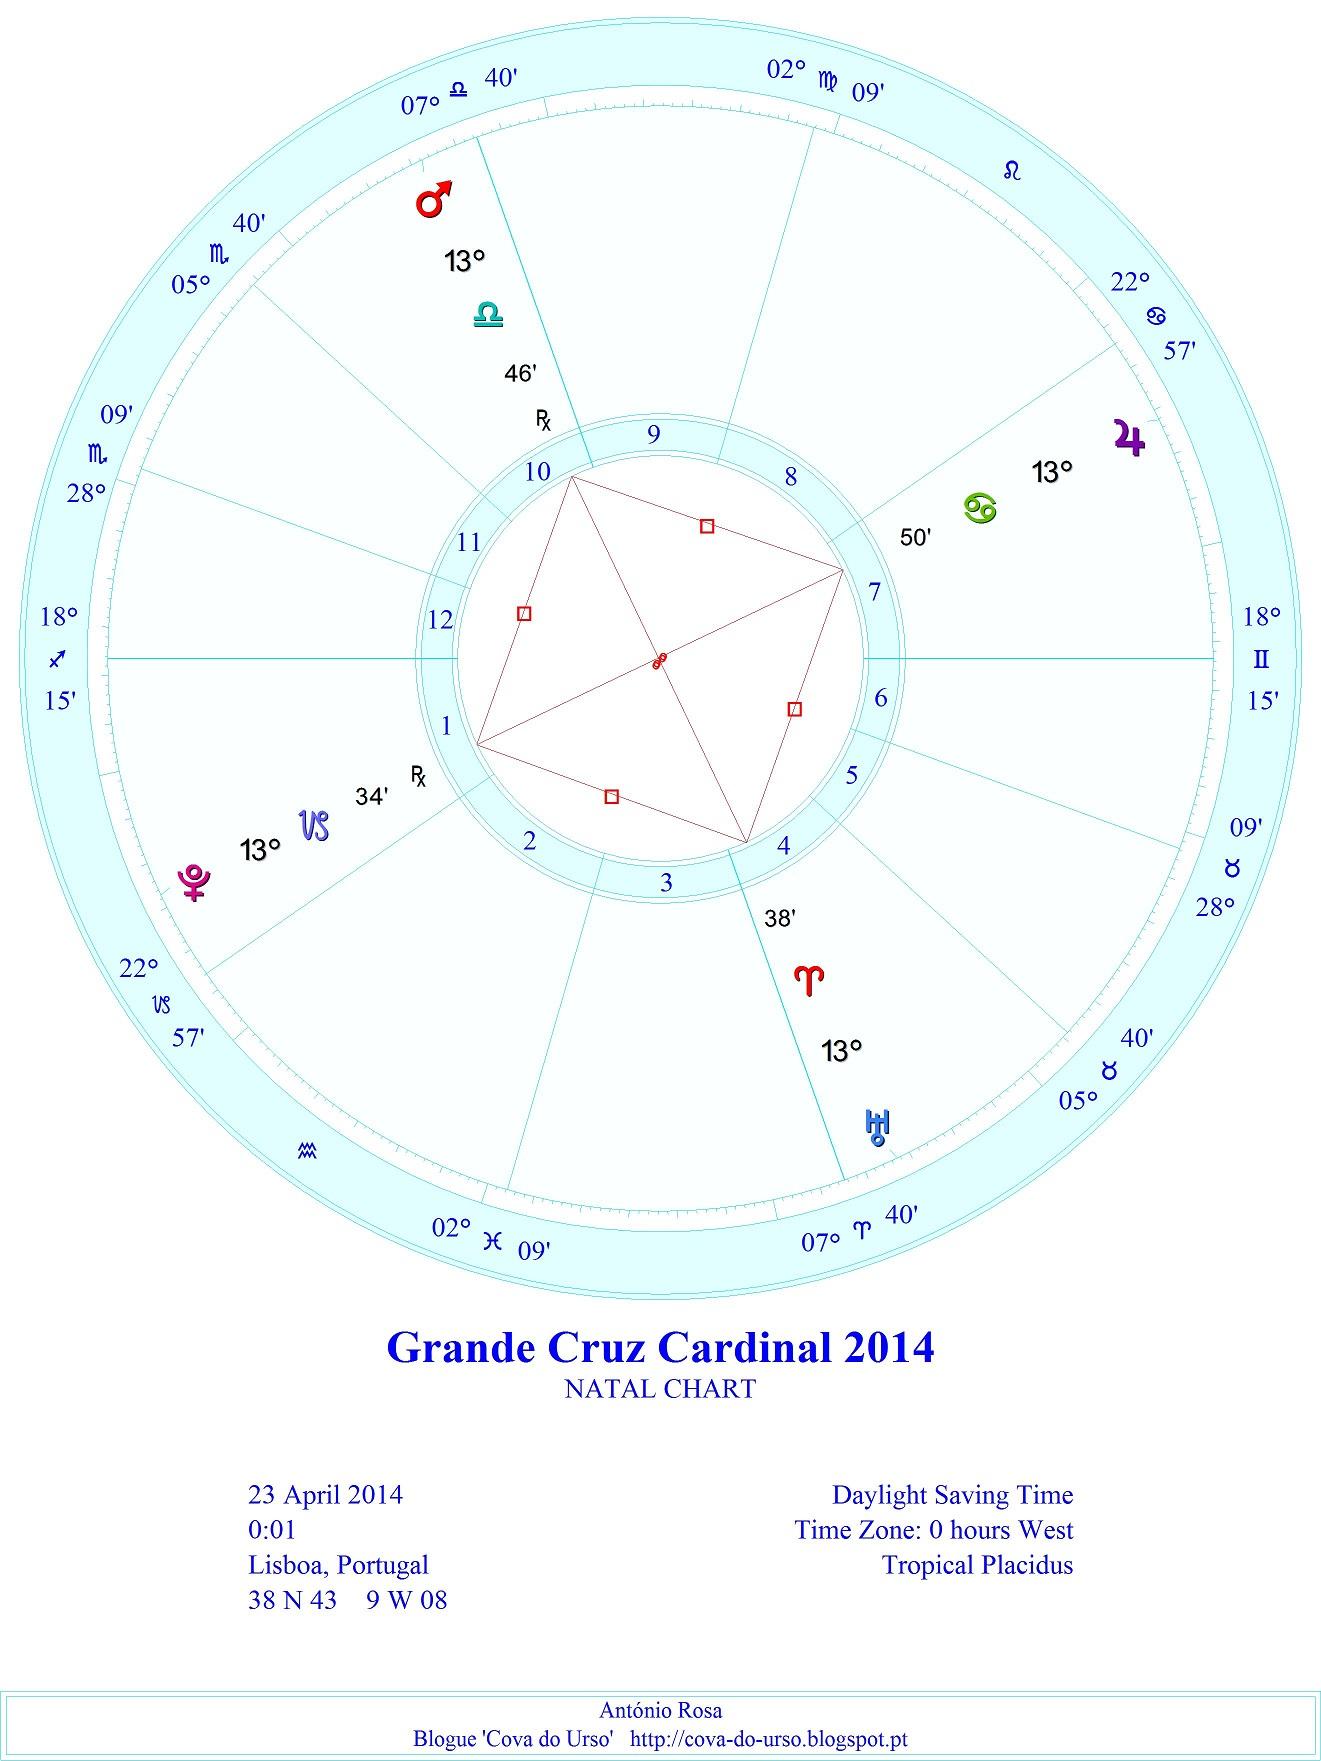 Era assim o posicionamento dos planetas na Grande Cruz Cardinal.